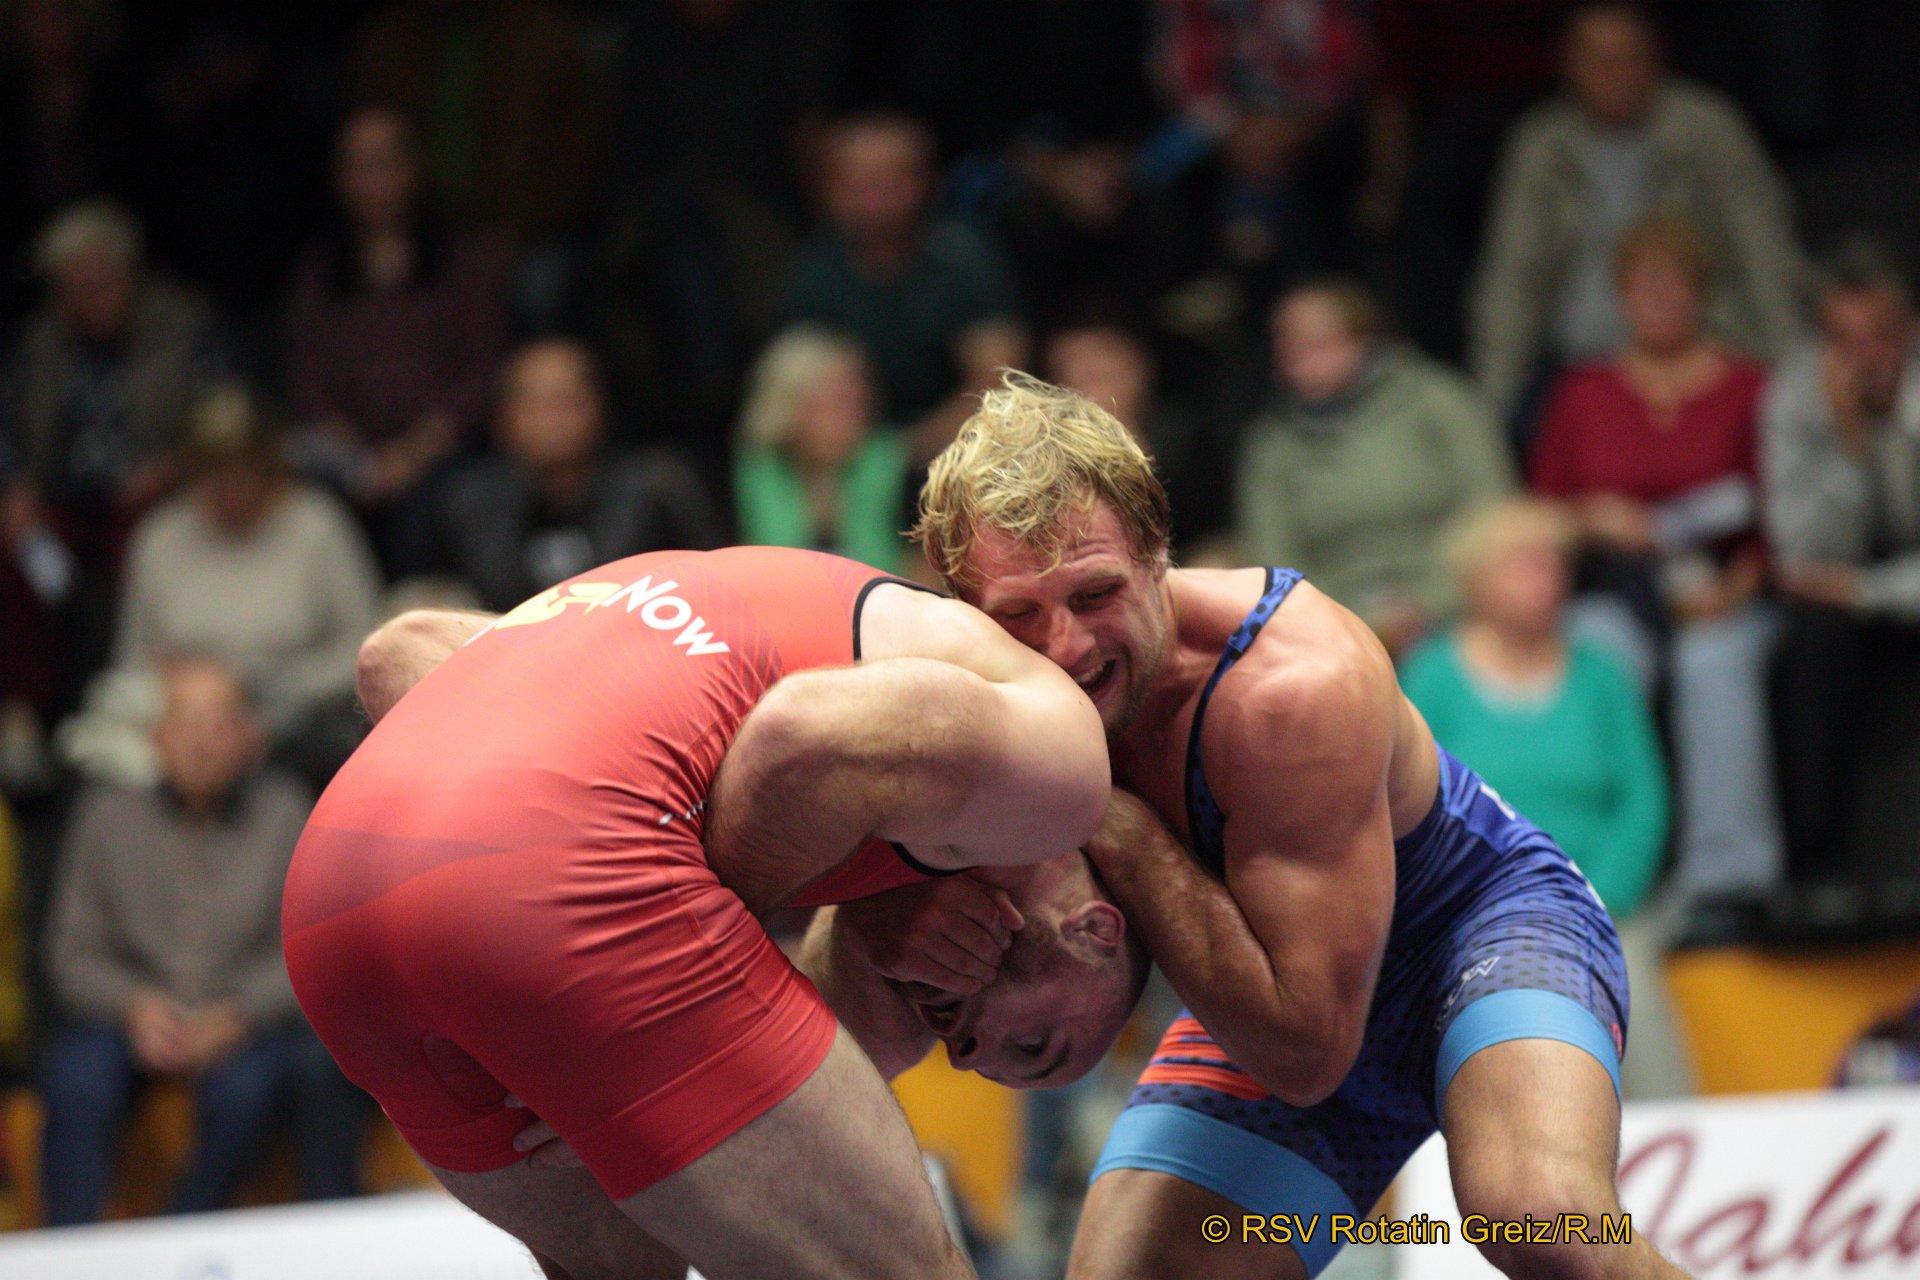 86kg Greco: Thomas Leffler (1) (rotes Trikot), RSV Rotation Greiz gegen Hannes Wagner (-2), AC Lichtenfels 0:3/PS/0:12/06:00